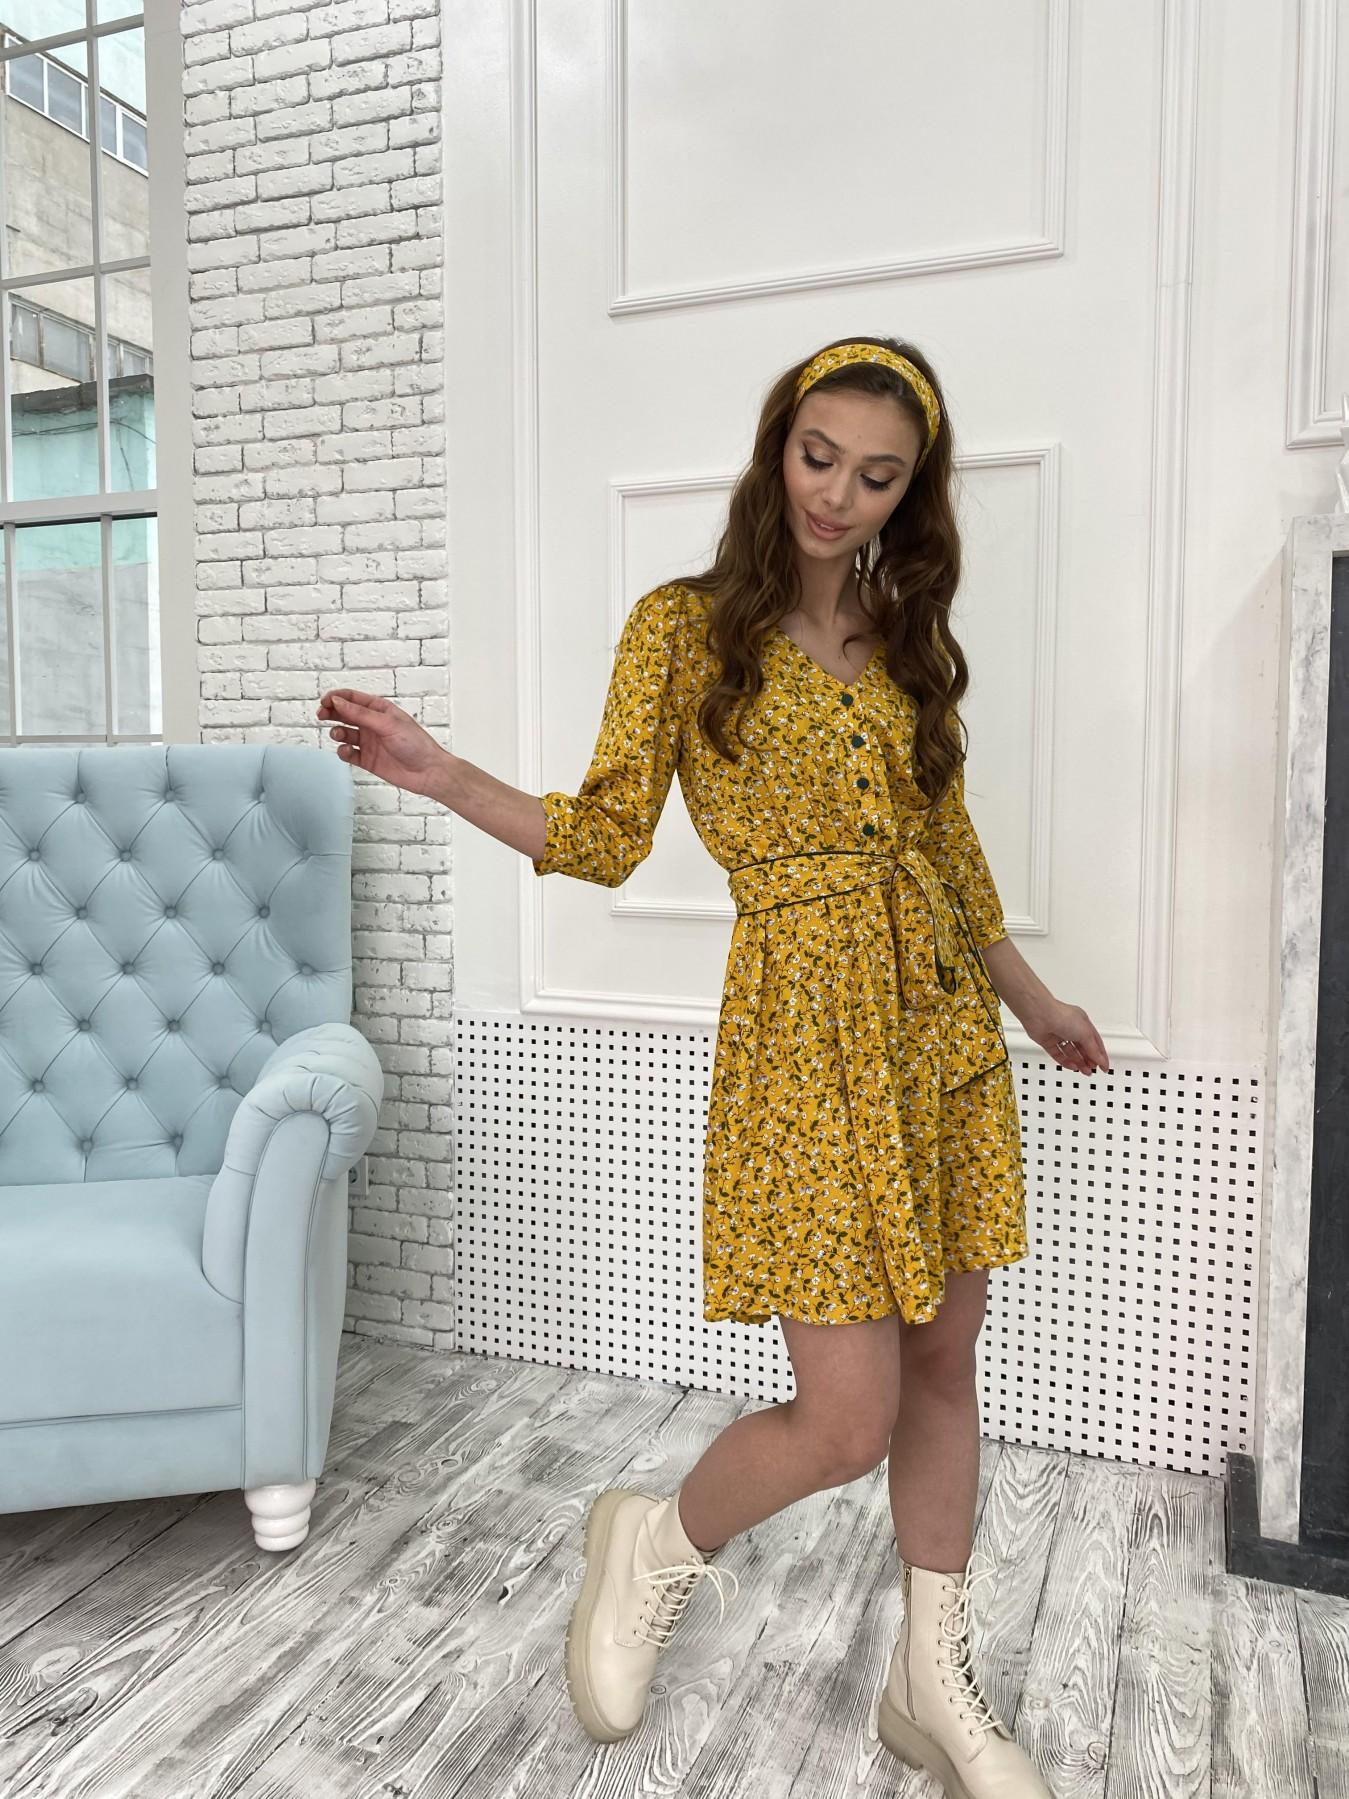 Джейн костюмка штапель принт платье 10881 АРТ. 47352 Цвет: Цветы мел горч/бел/гол - фото 2, интернет магазин tm-modus.ru